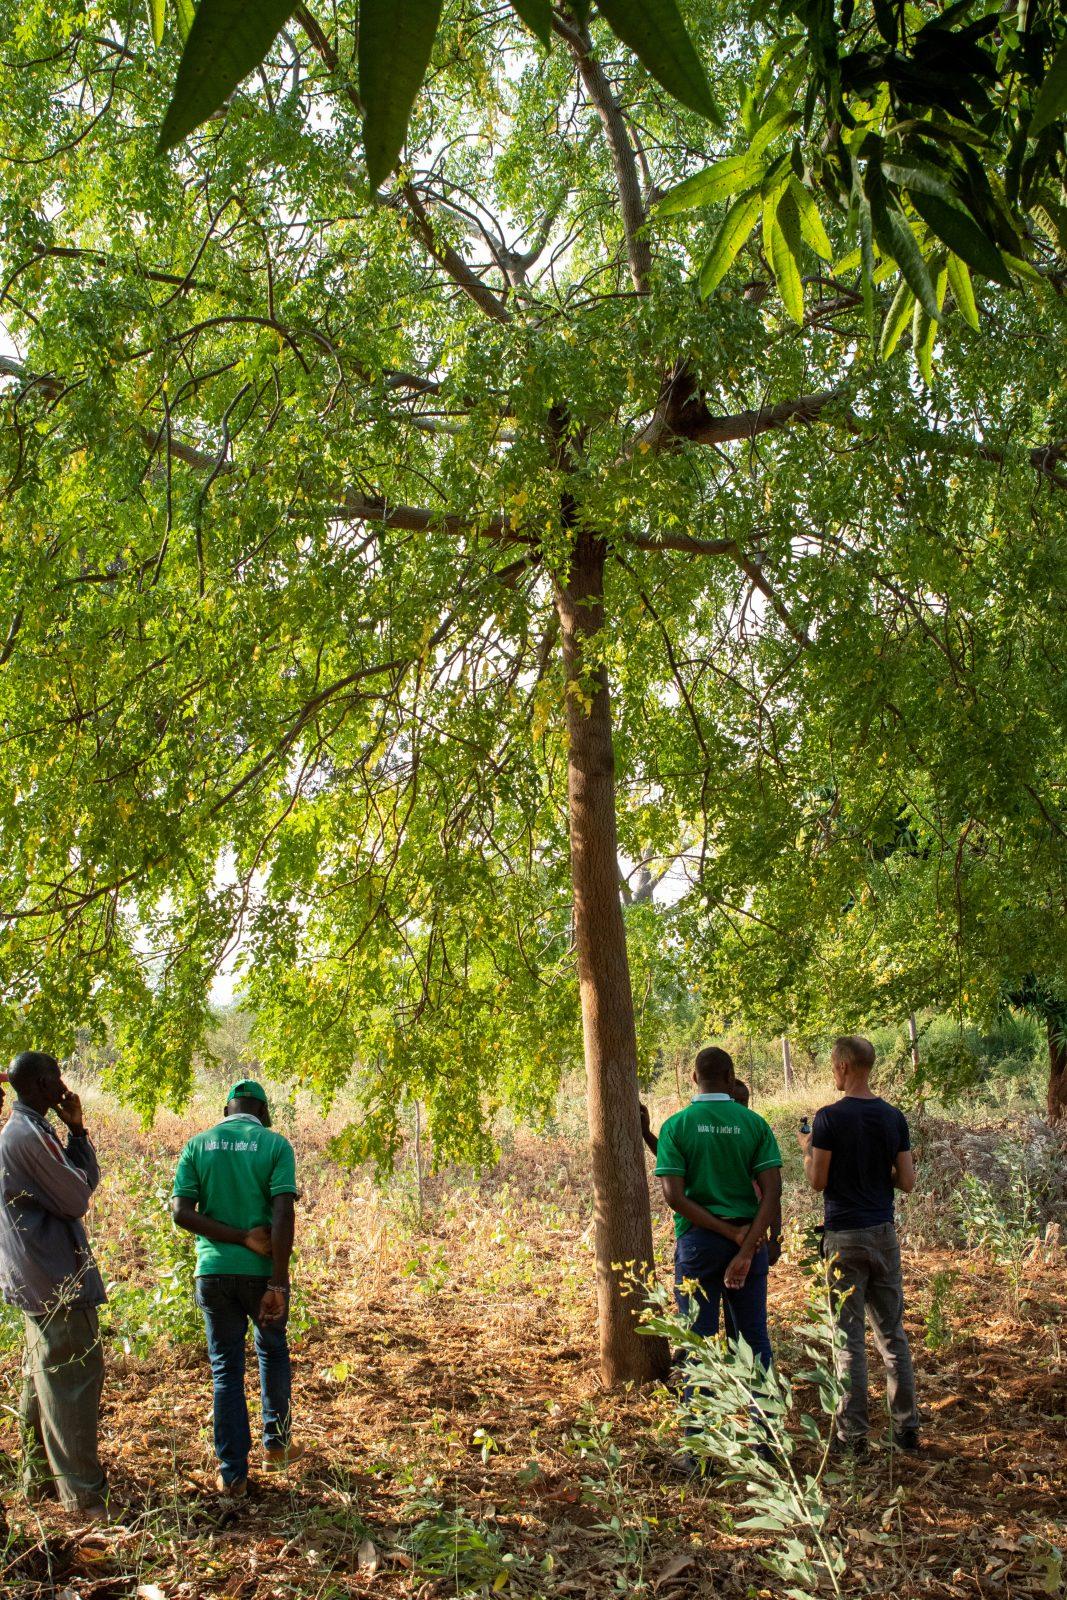 Samma träd som tidigare bild fast den här gången i sin helhet. På partnerbonden Sospeter Musioki Mutisoki gård i Kenya. Bild från juni 2019.